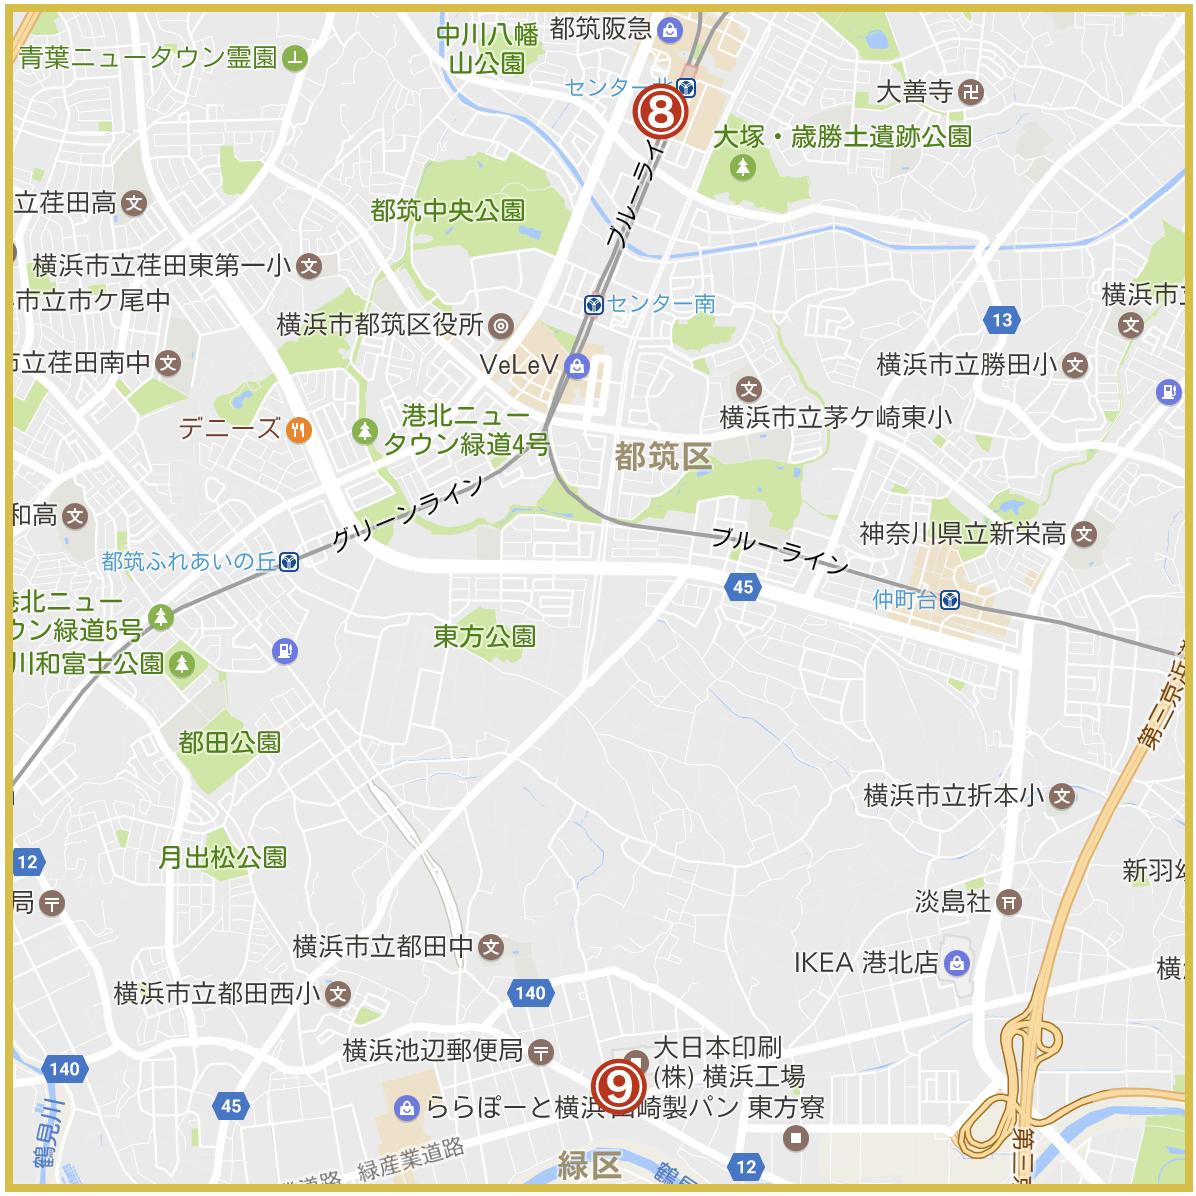 横浜市都筑区にあるアイフル店舗・ATMの位置(2020年版)